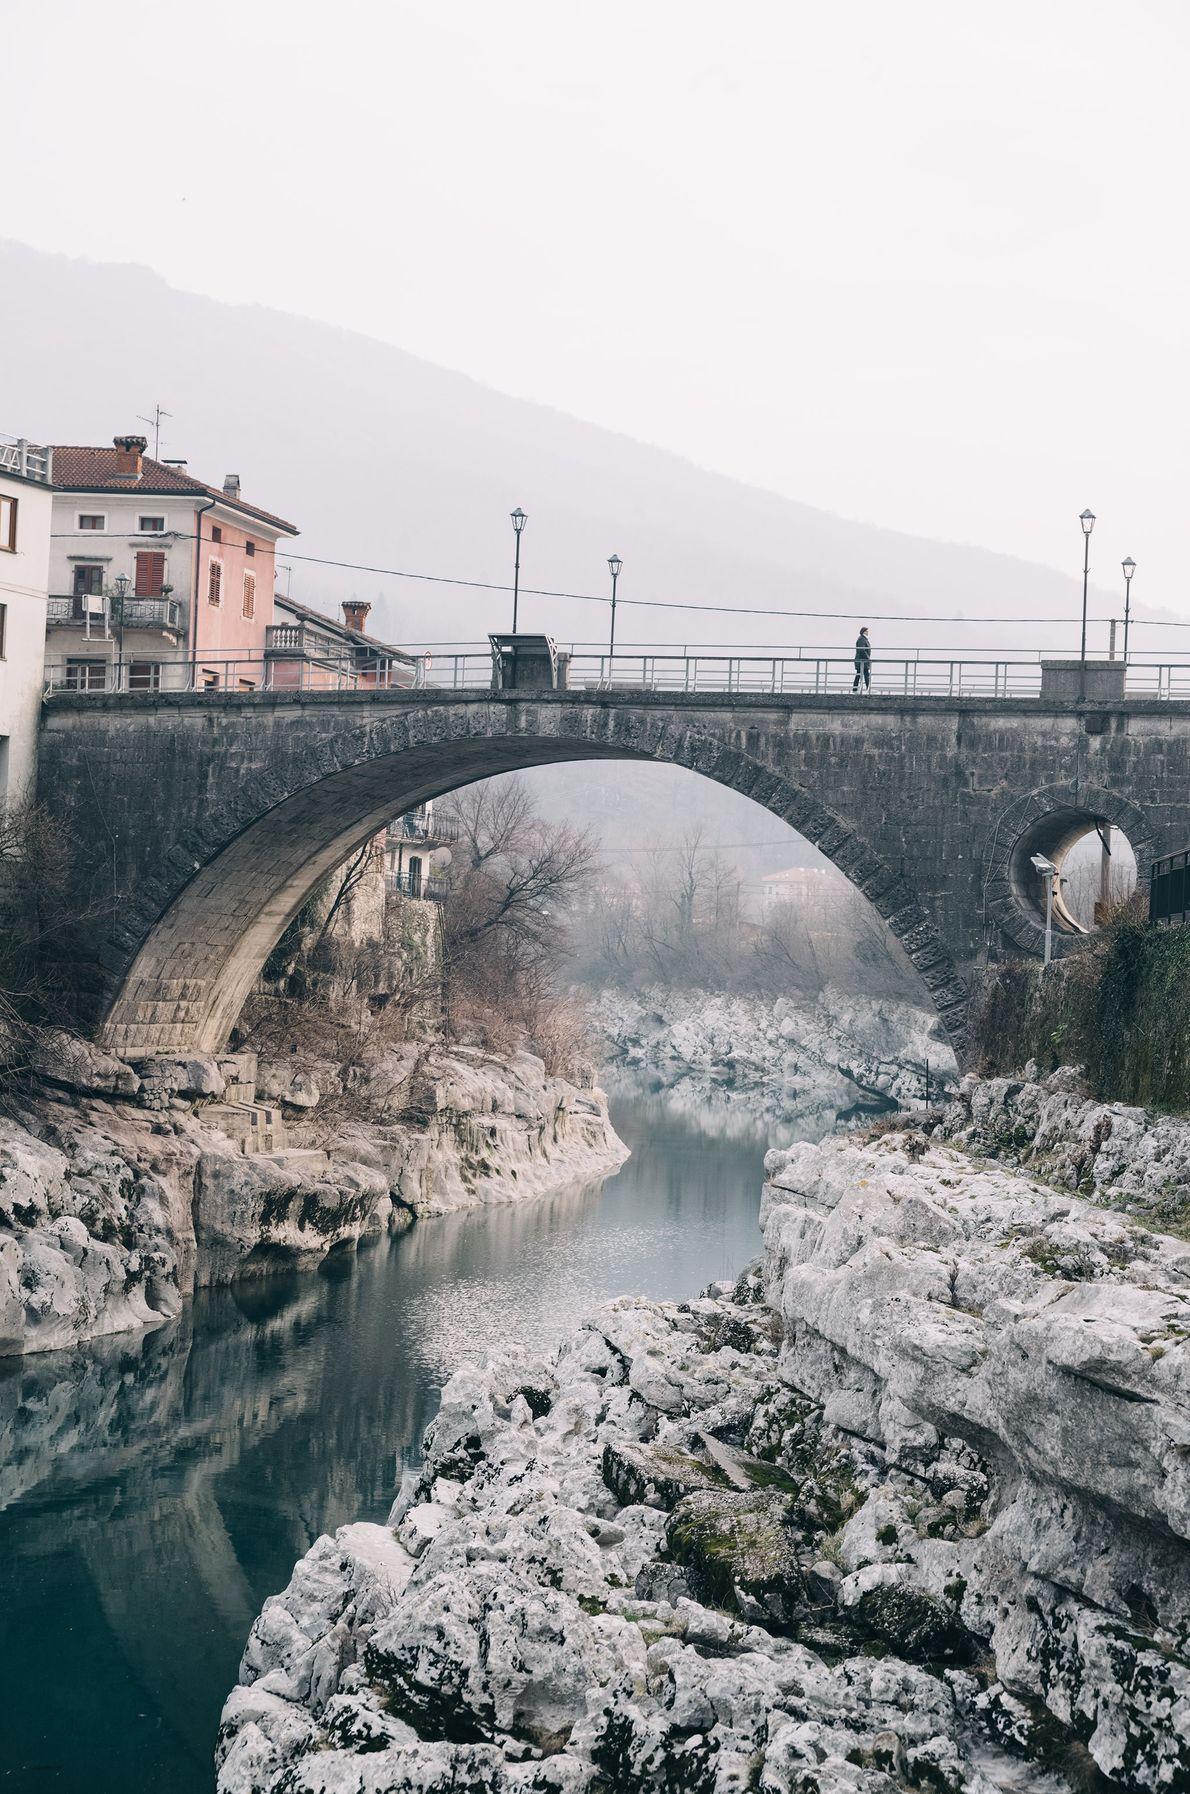 Vieux de plusieurs dizaines d'années, ce pont en pierre relie les visiteurs à la municipalité de ...